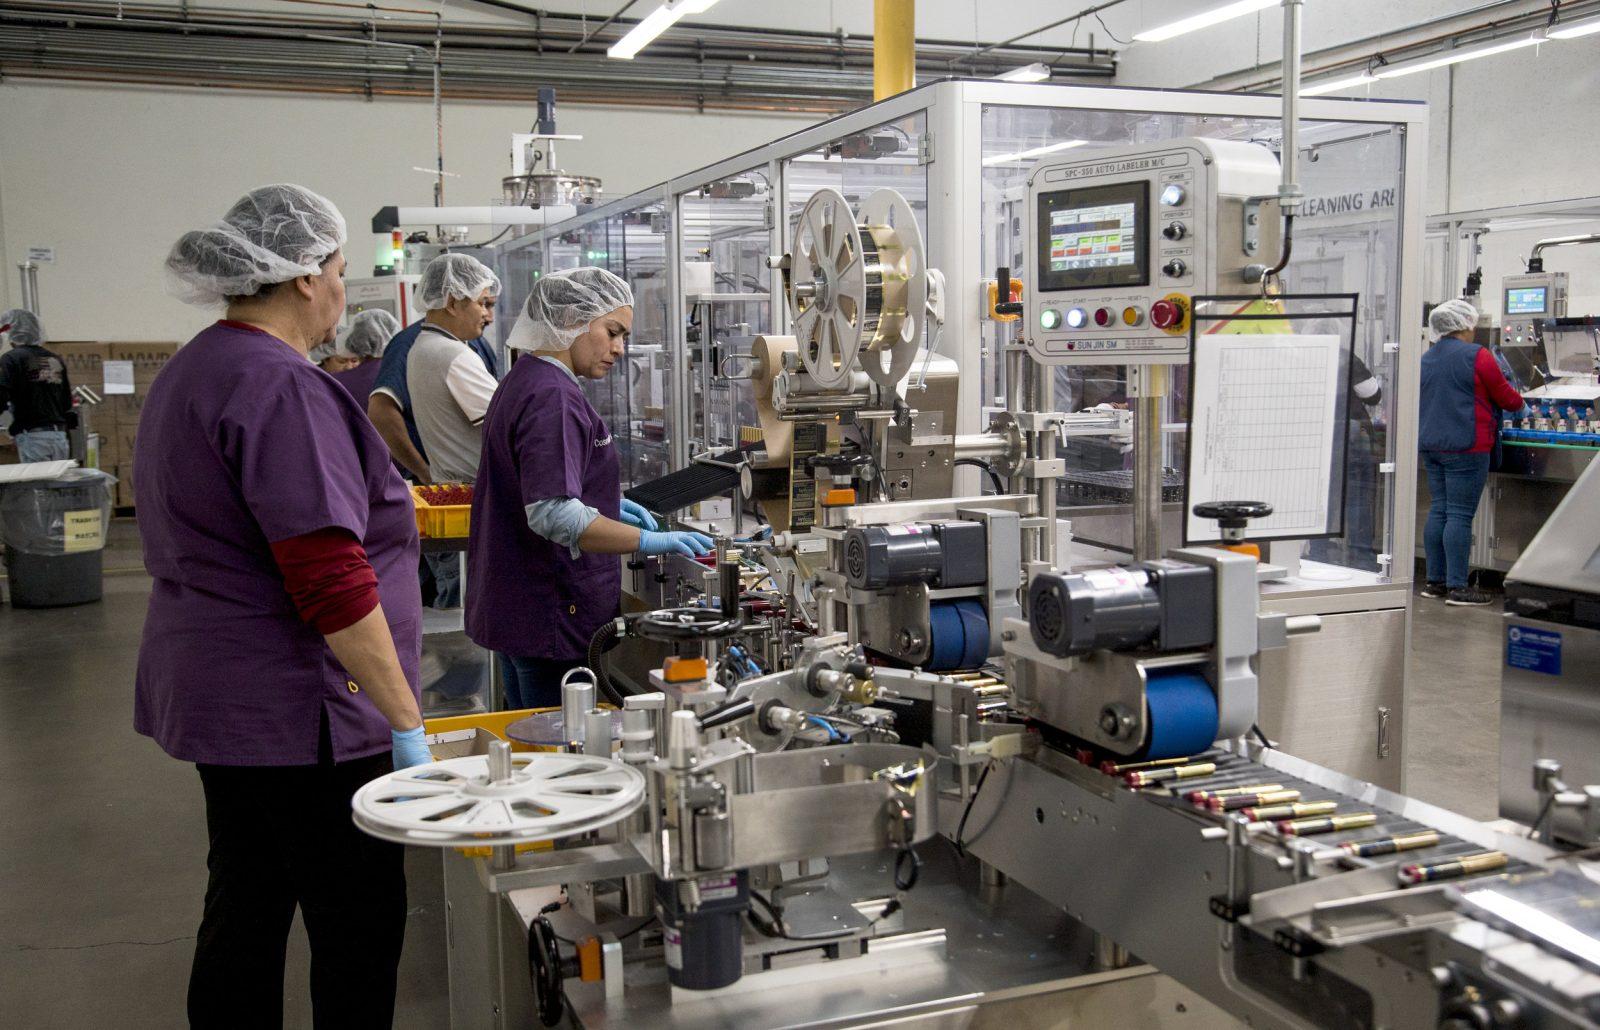 مصانع تصنيع مستحضرات التجميل